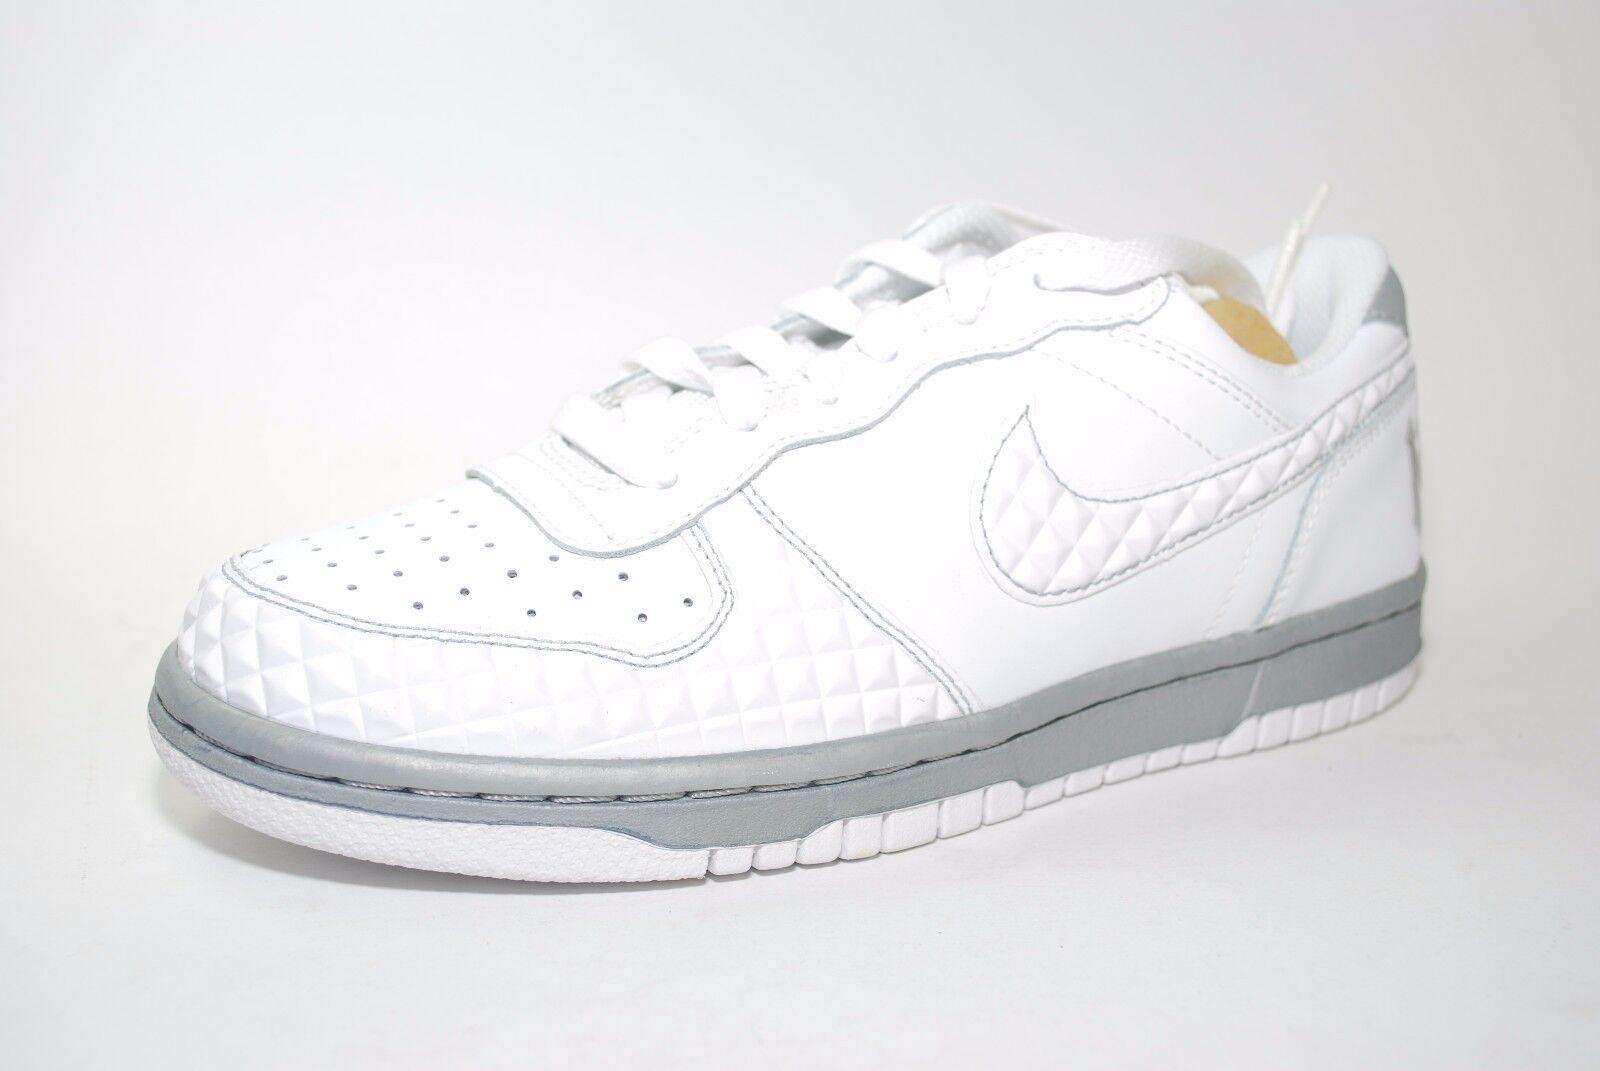 Nike grande nike basso le in in in bianco   grigio misura 5,5 | Louis, in dettaglio  | Uomo/Donne Scarpa  833b7f